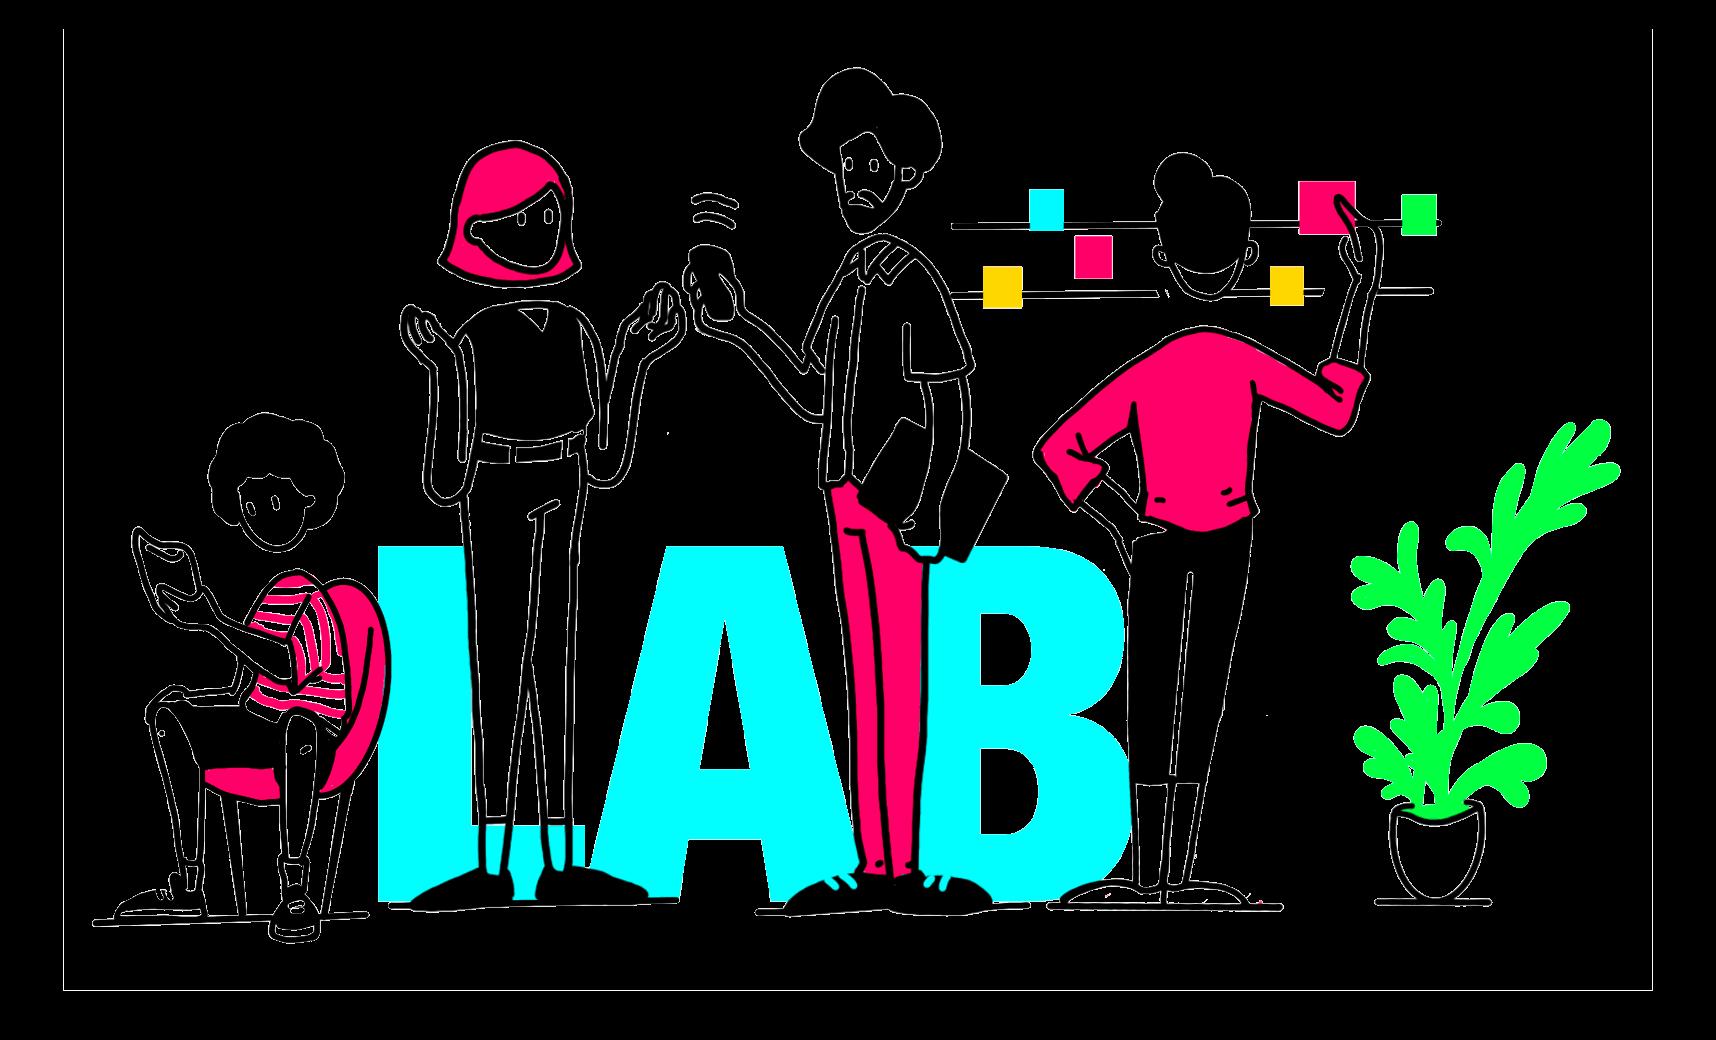 ilustração de personagens executando serviços do laboratório de inovação